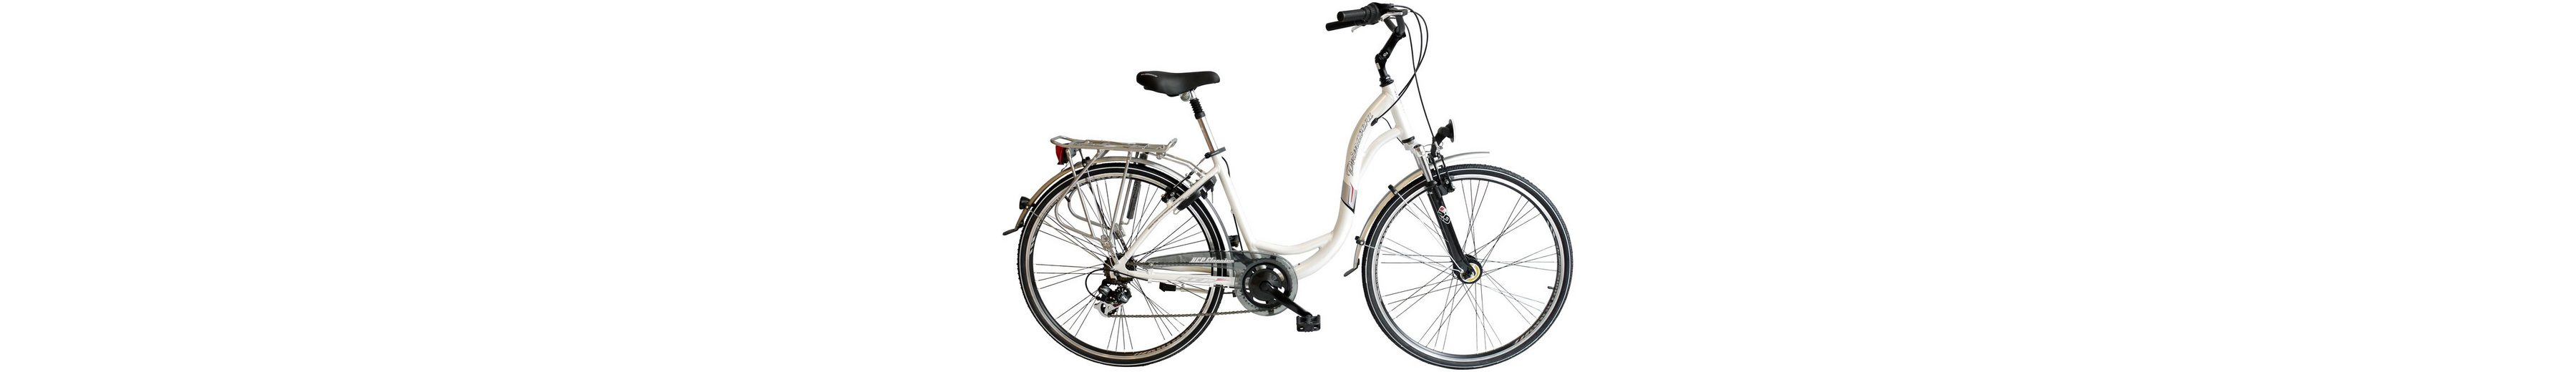 Citybike (Damen) »Primavera, 71,12 cm (28 Zoll)«